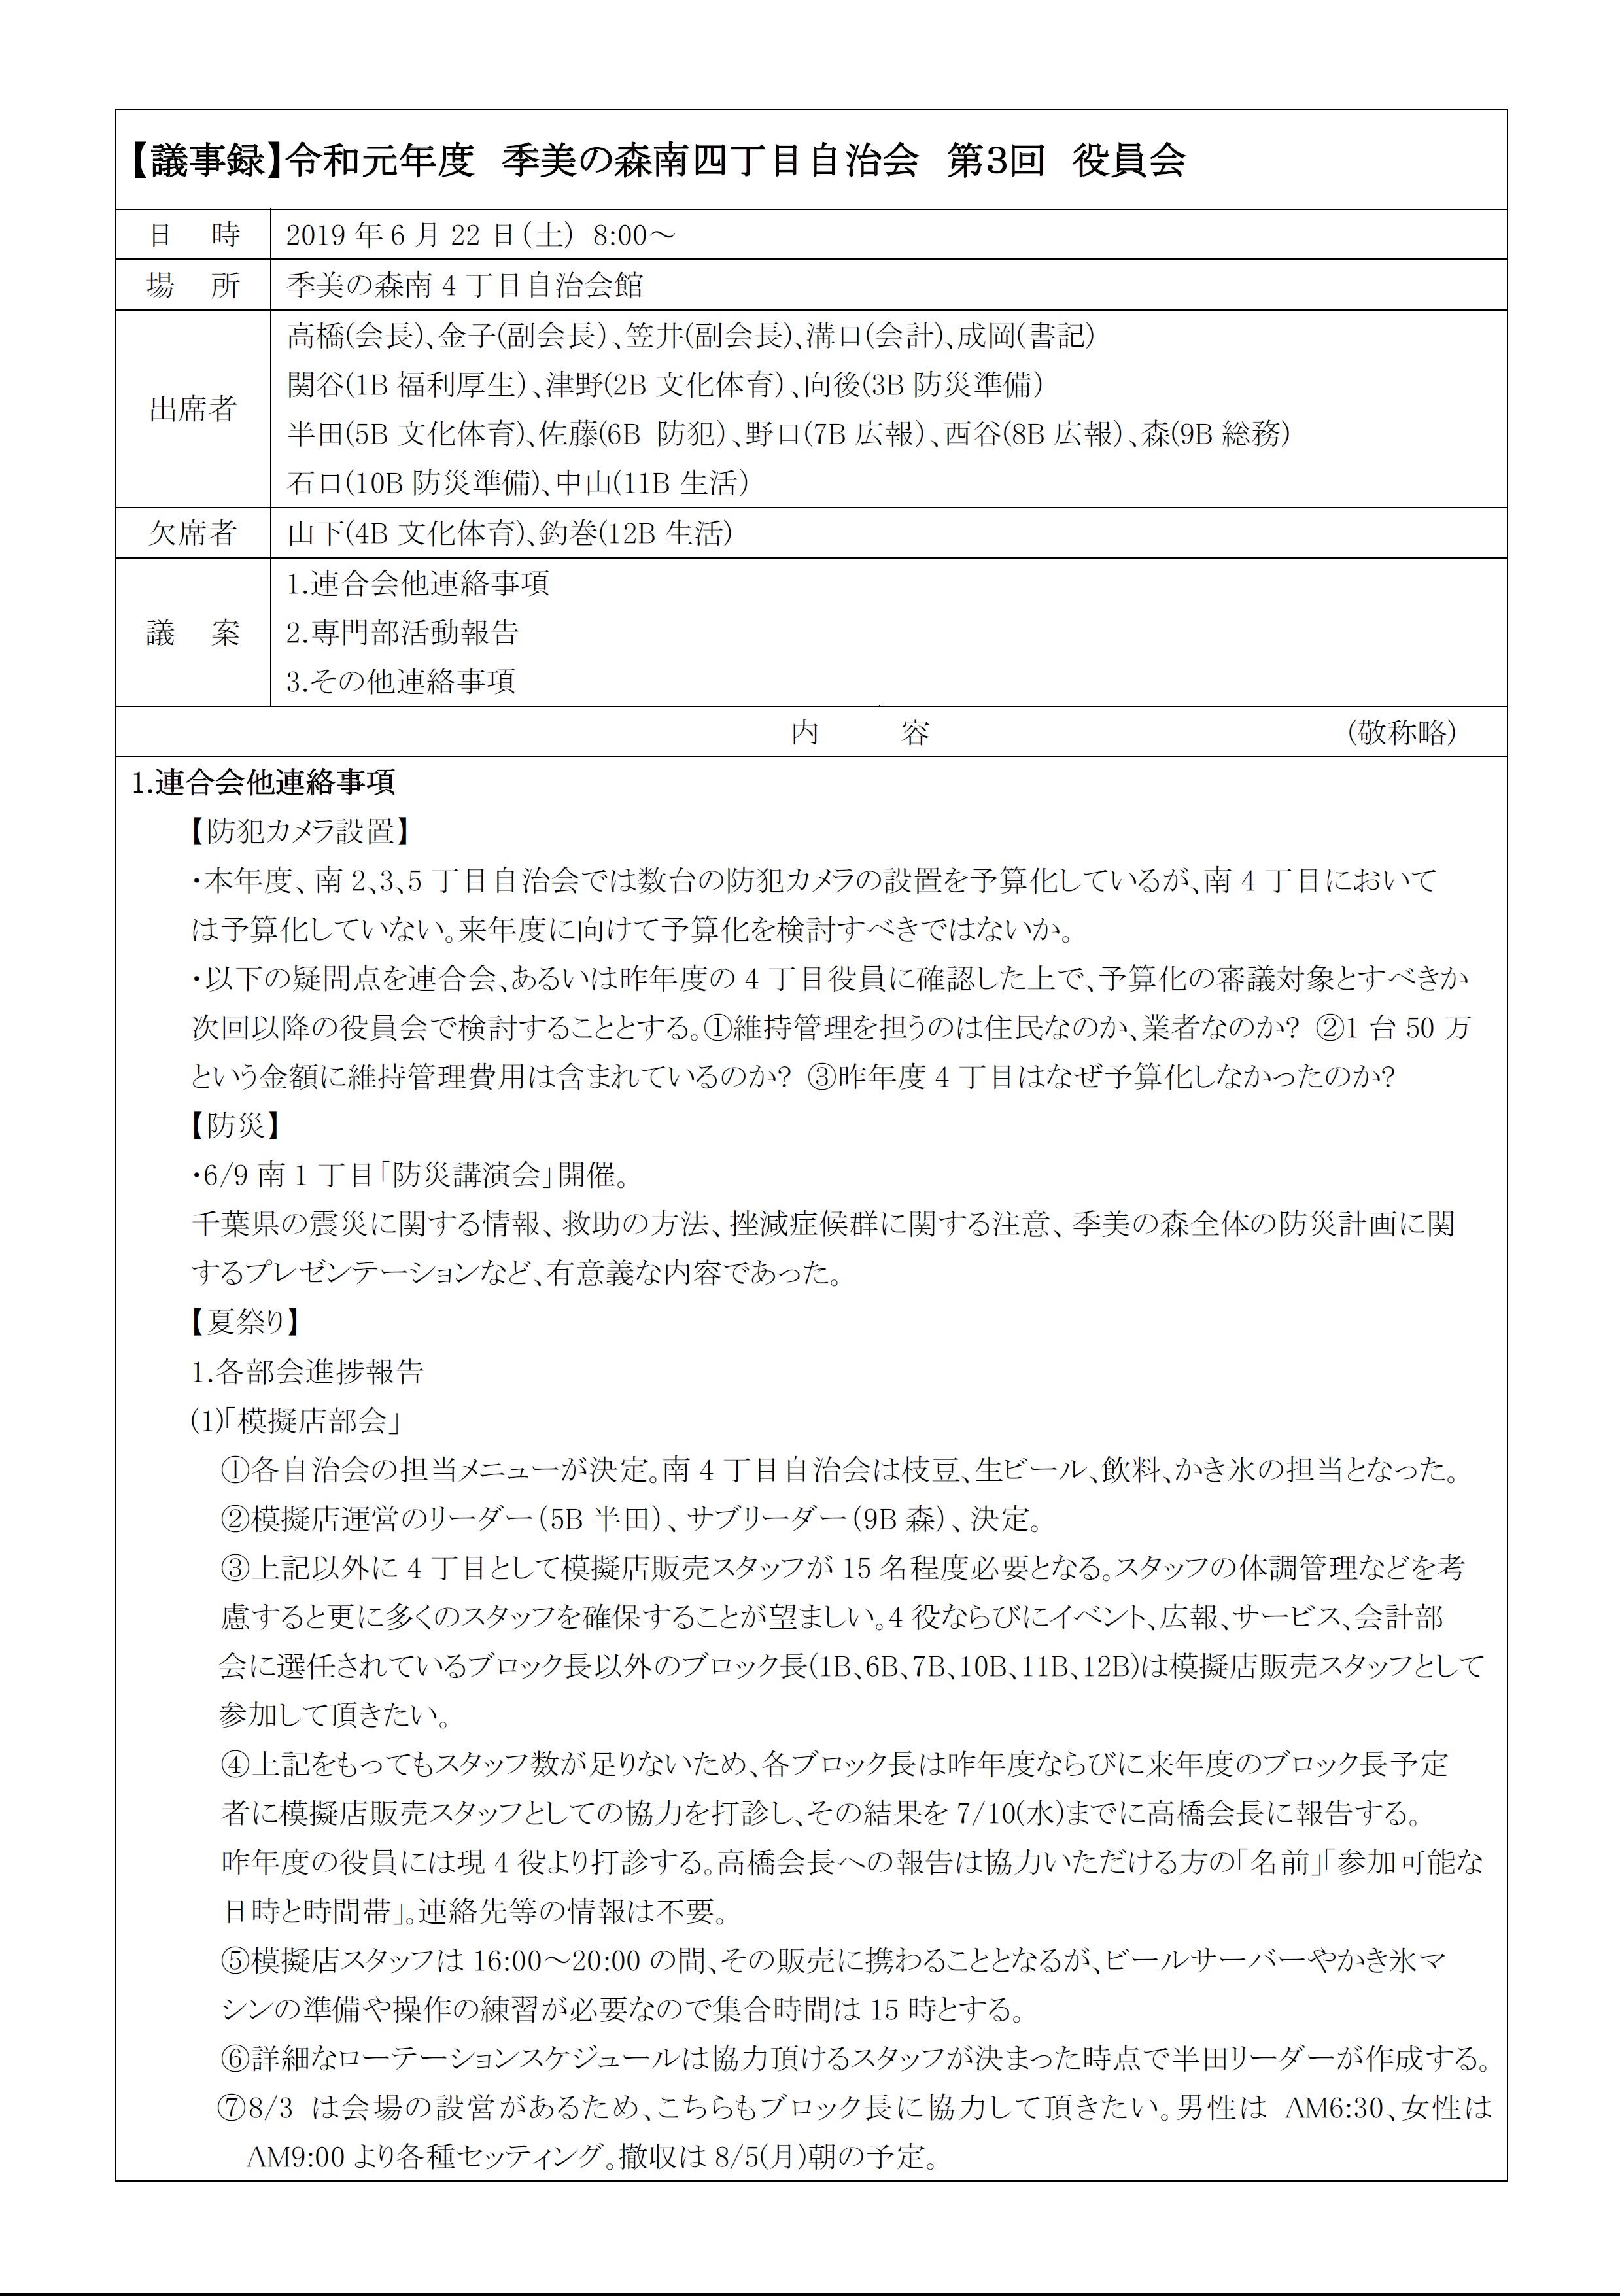 2019第3回役員会議事録P1